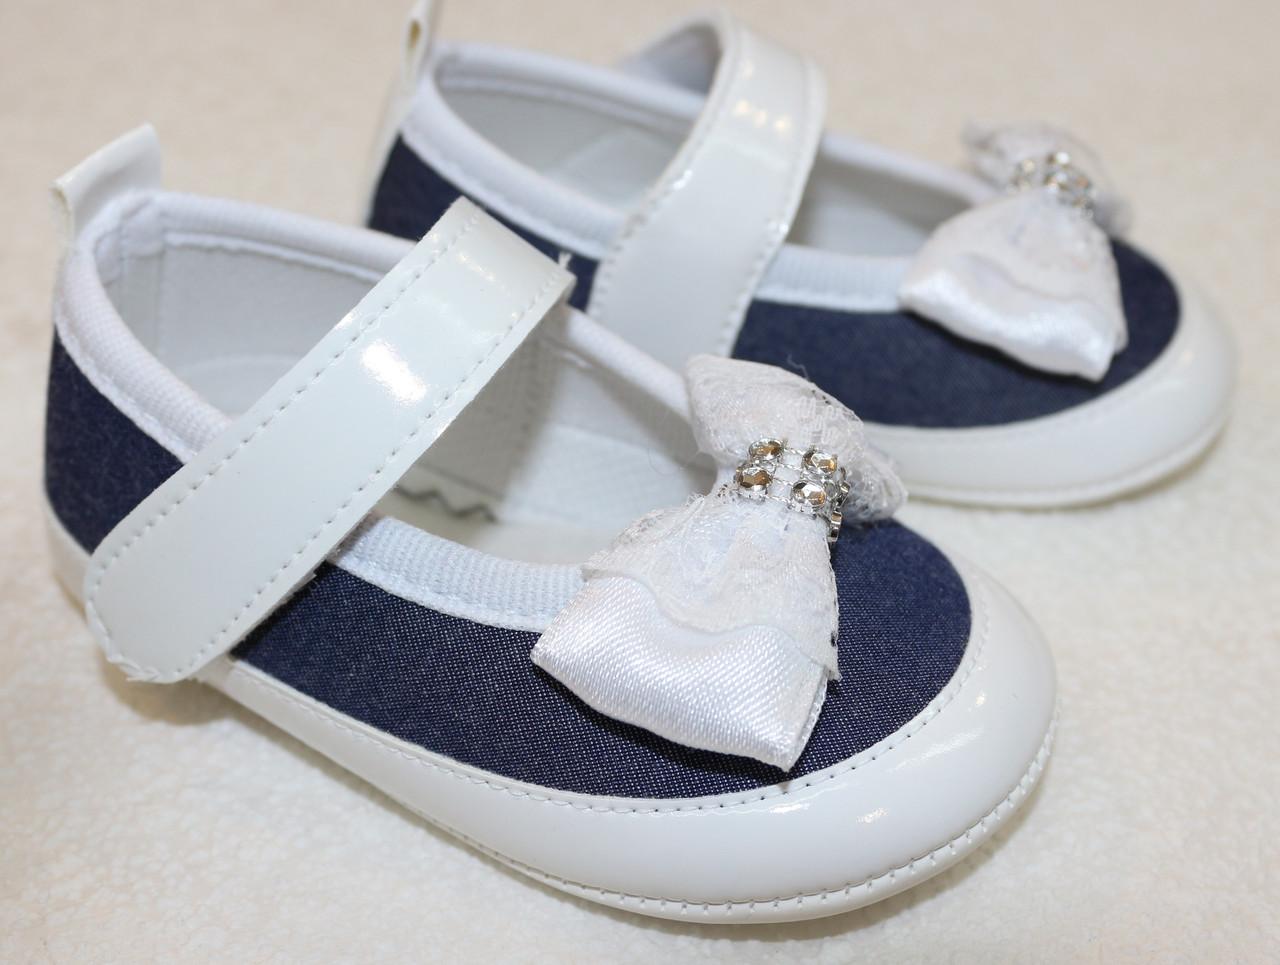 """Обувь для маленьких (пинетки) """"Первые шаги""""  4-8 мес (11 см) 8-12 мес (11,5 см)"""